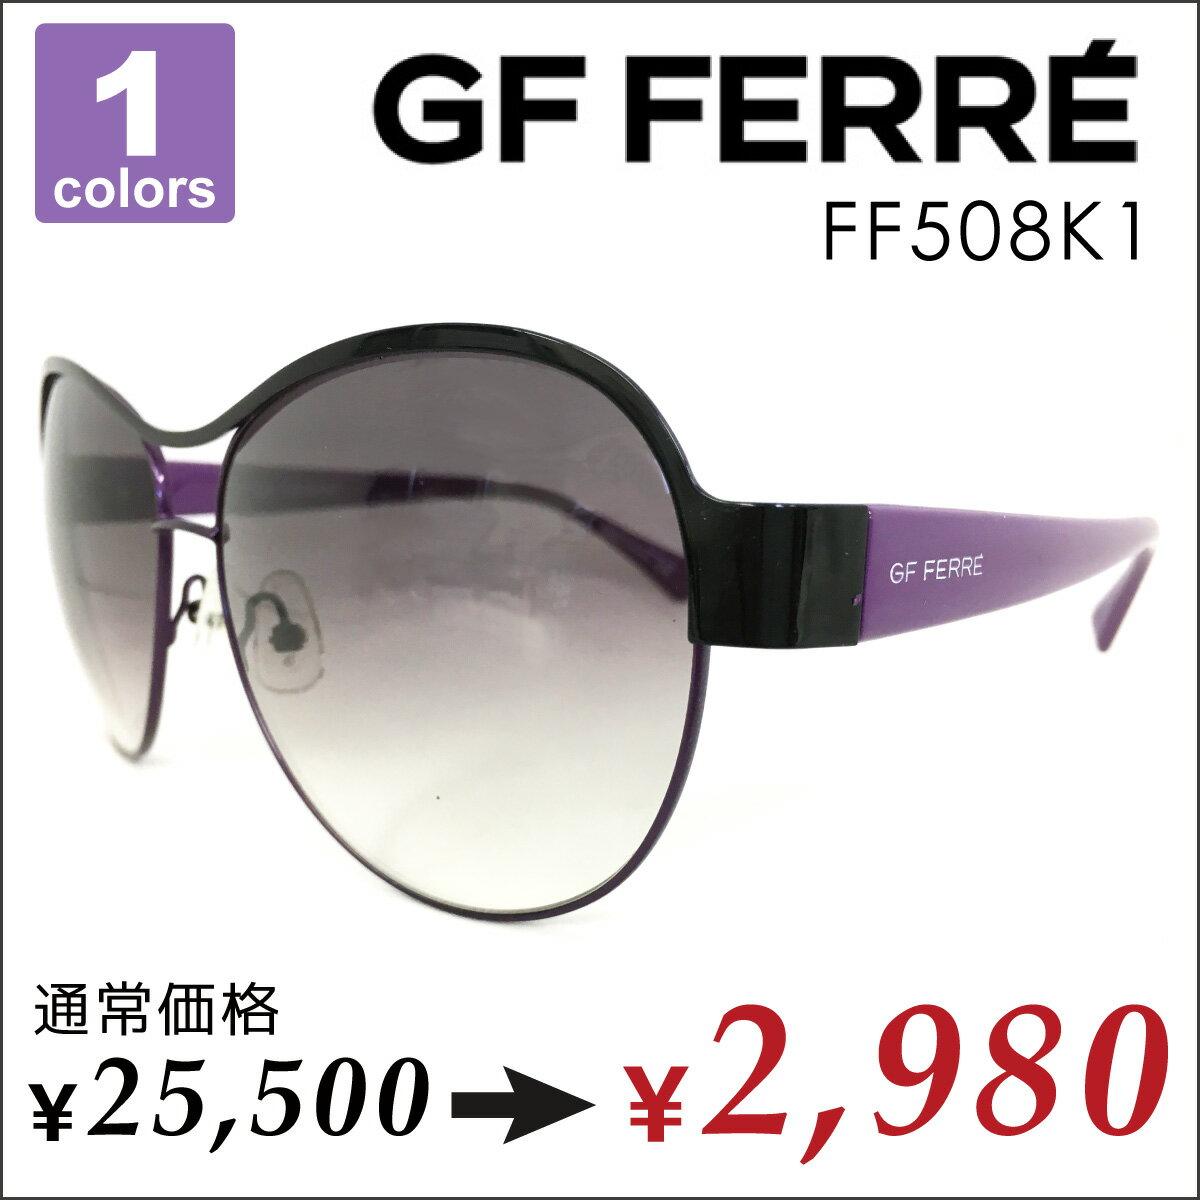 GF FERRE サングラス ブランド GFフェレ おしゃれ かっこいい 激安 安い UVカット